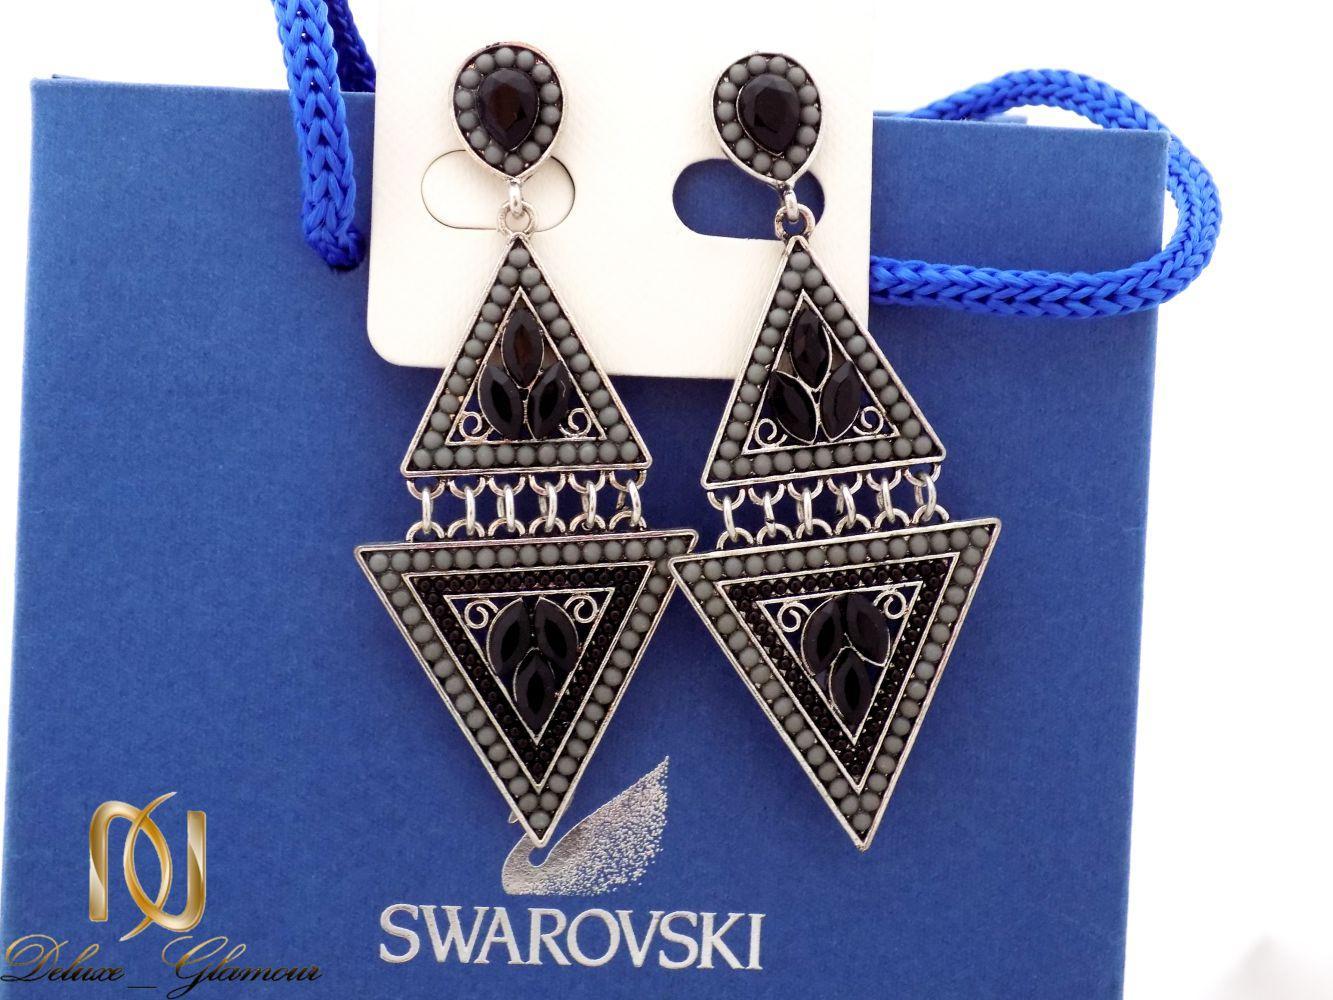 گوشواره زنانه مشکی طرح سنتی با نگین زیرکونیا و لاکی er-n151 از نمای آبی